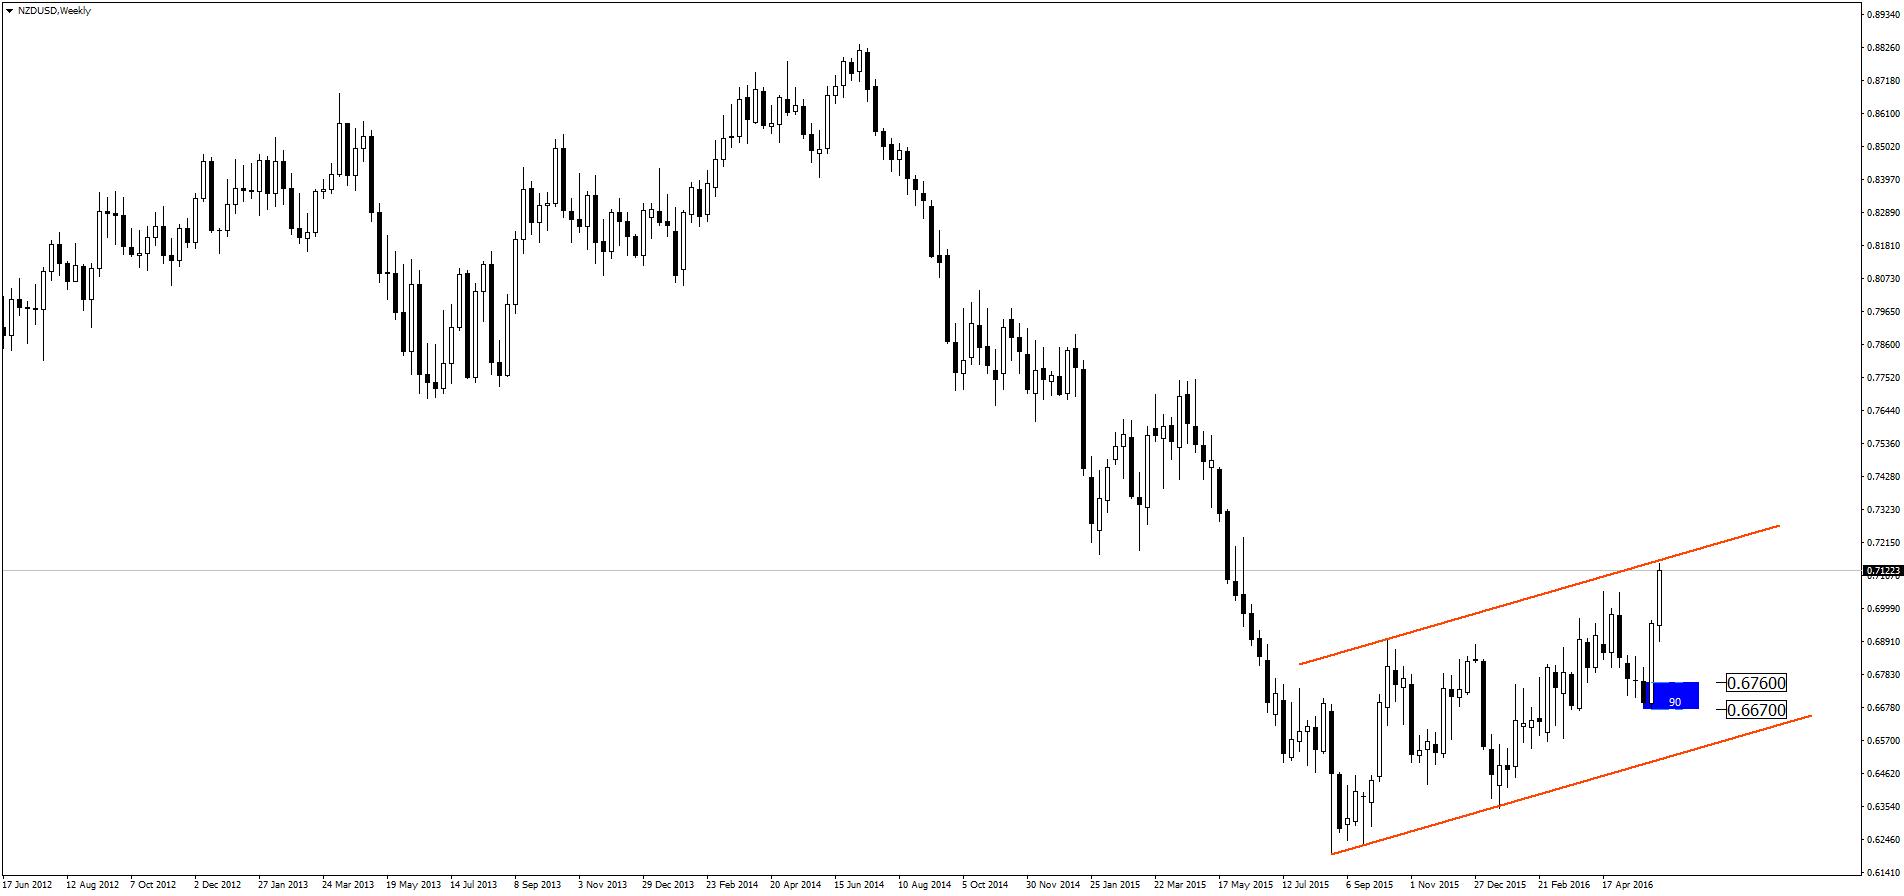 Chart NZDUSD, W1, 2016.06.09 08:25 UTC, Admiral Markets AS, MetaTrader 4, Real